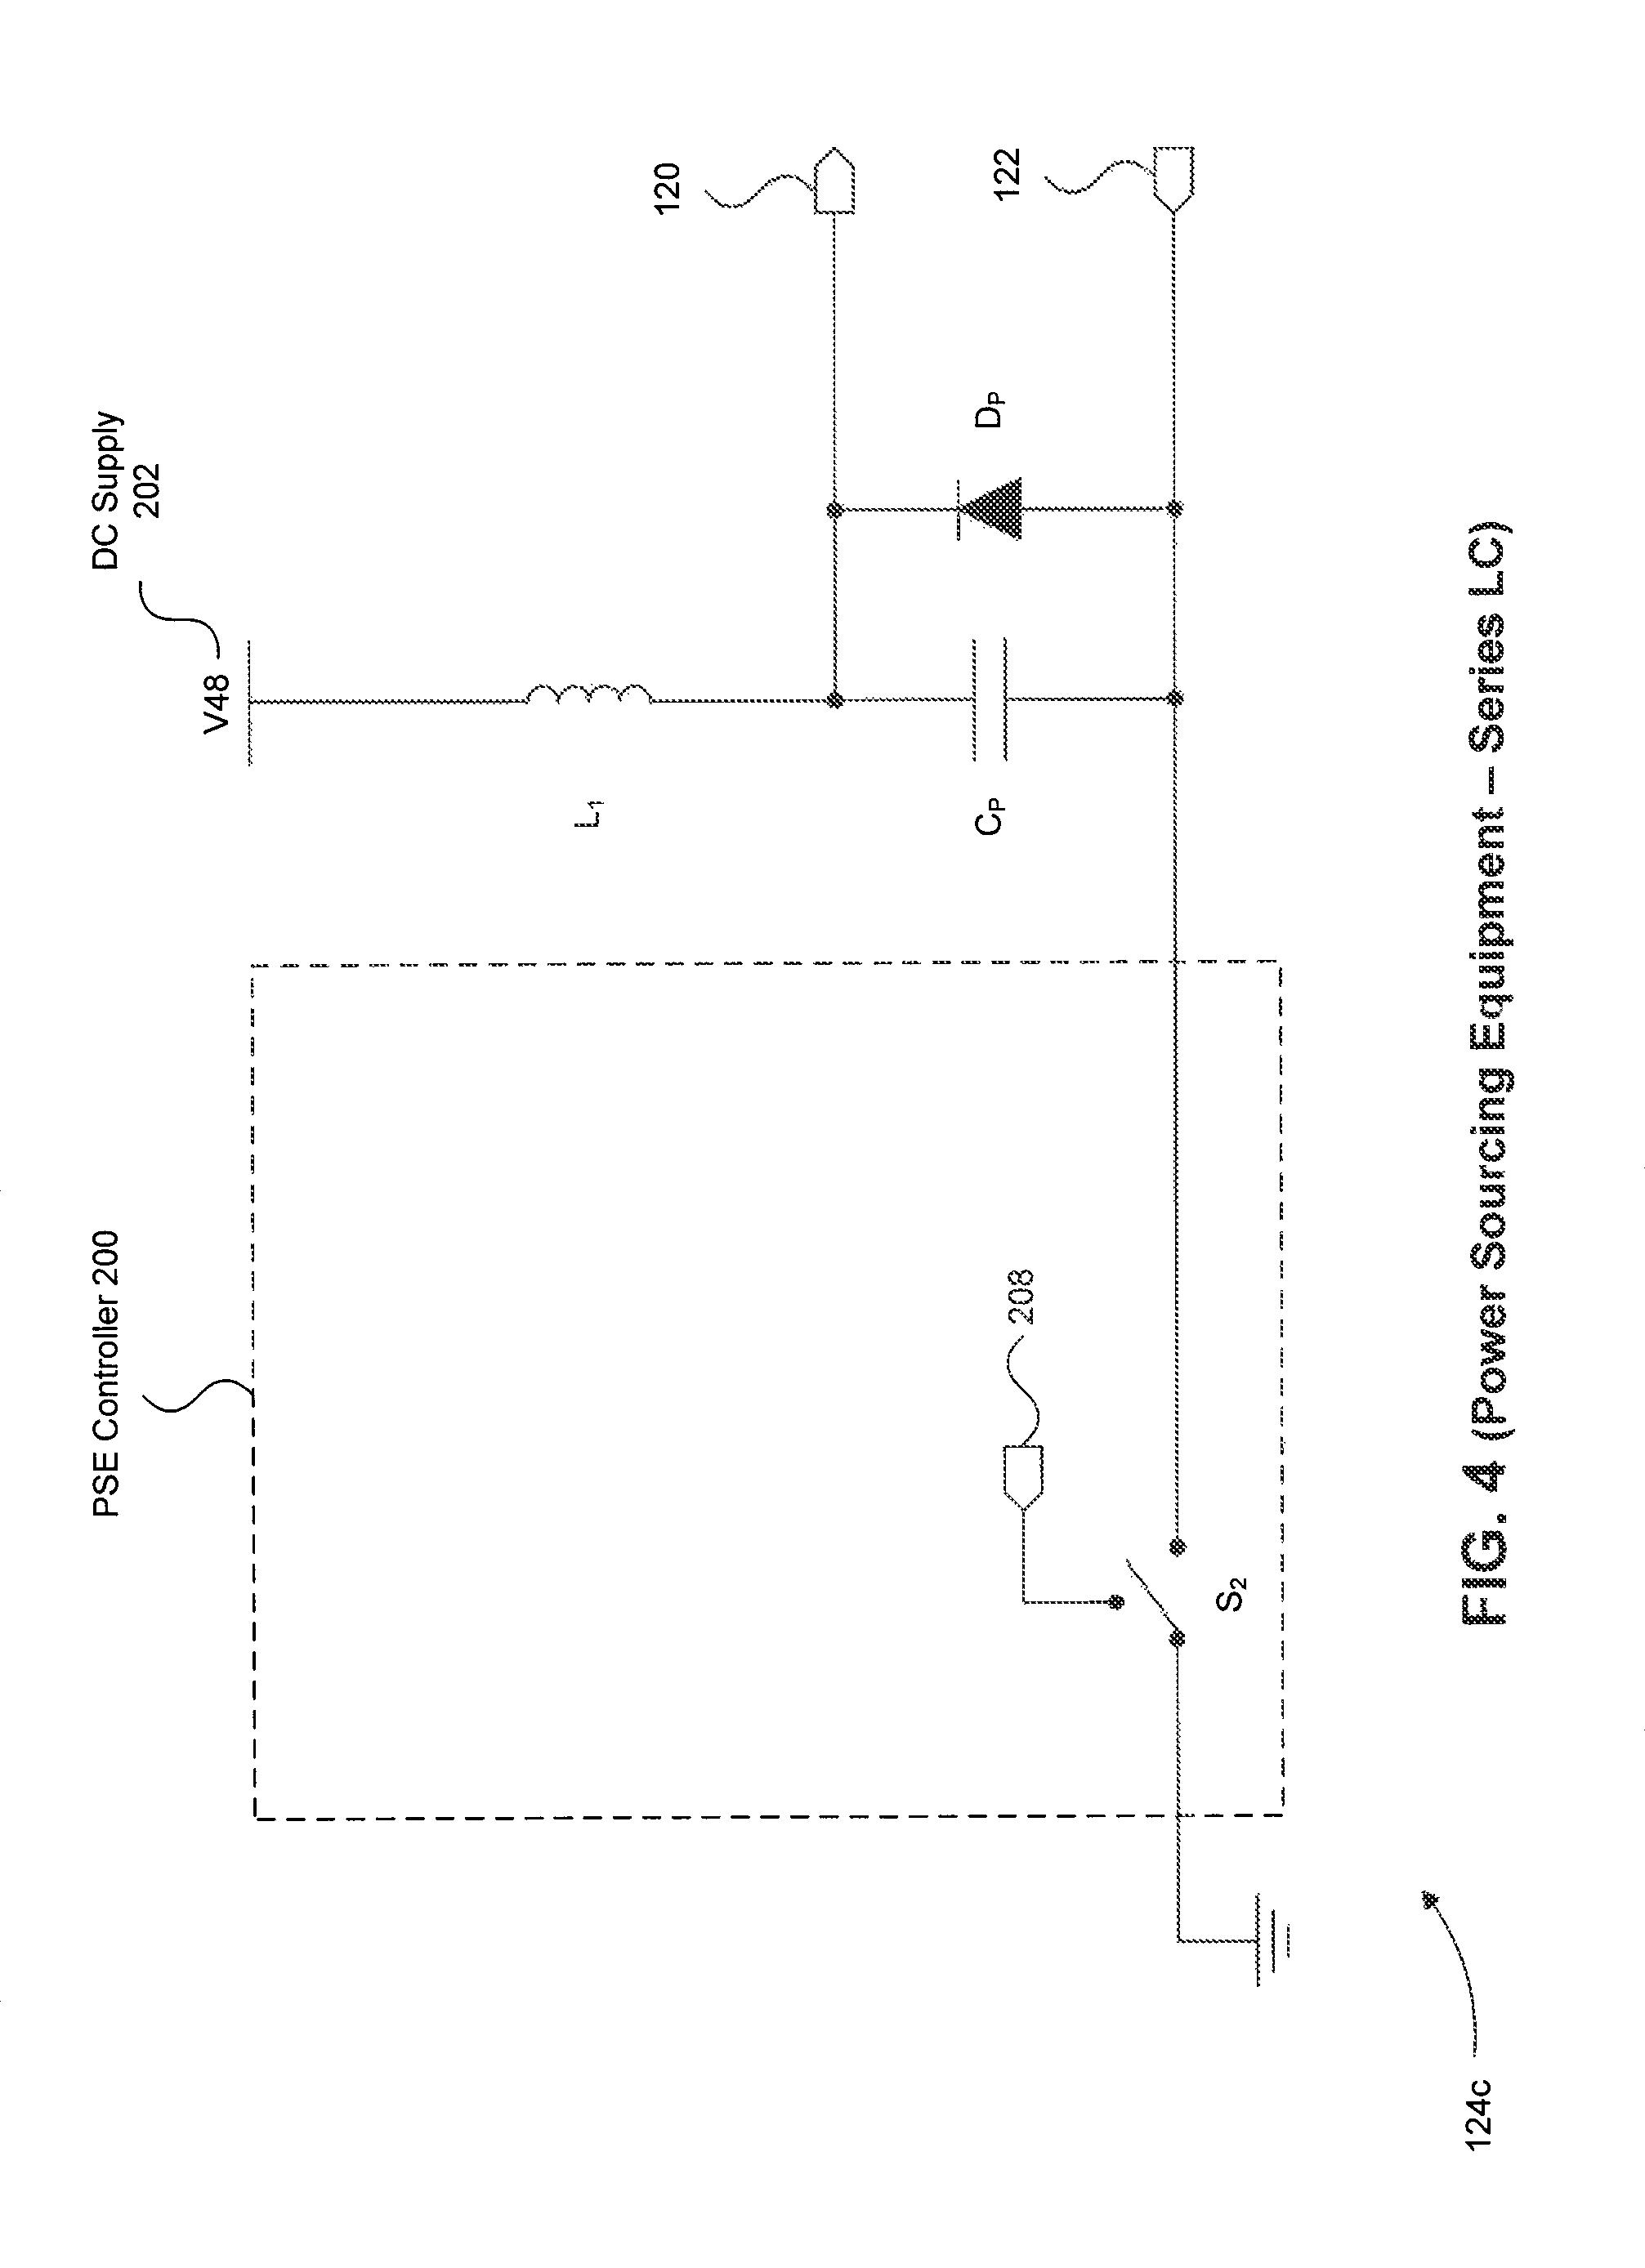 patent us8661273